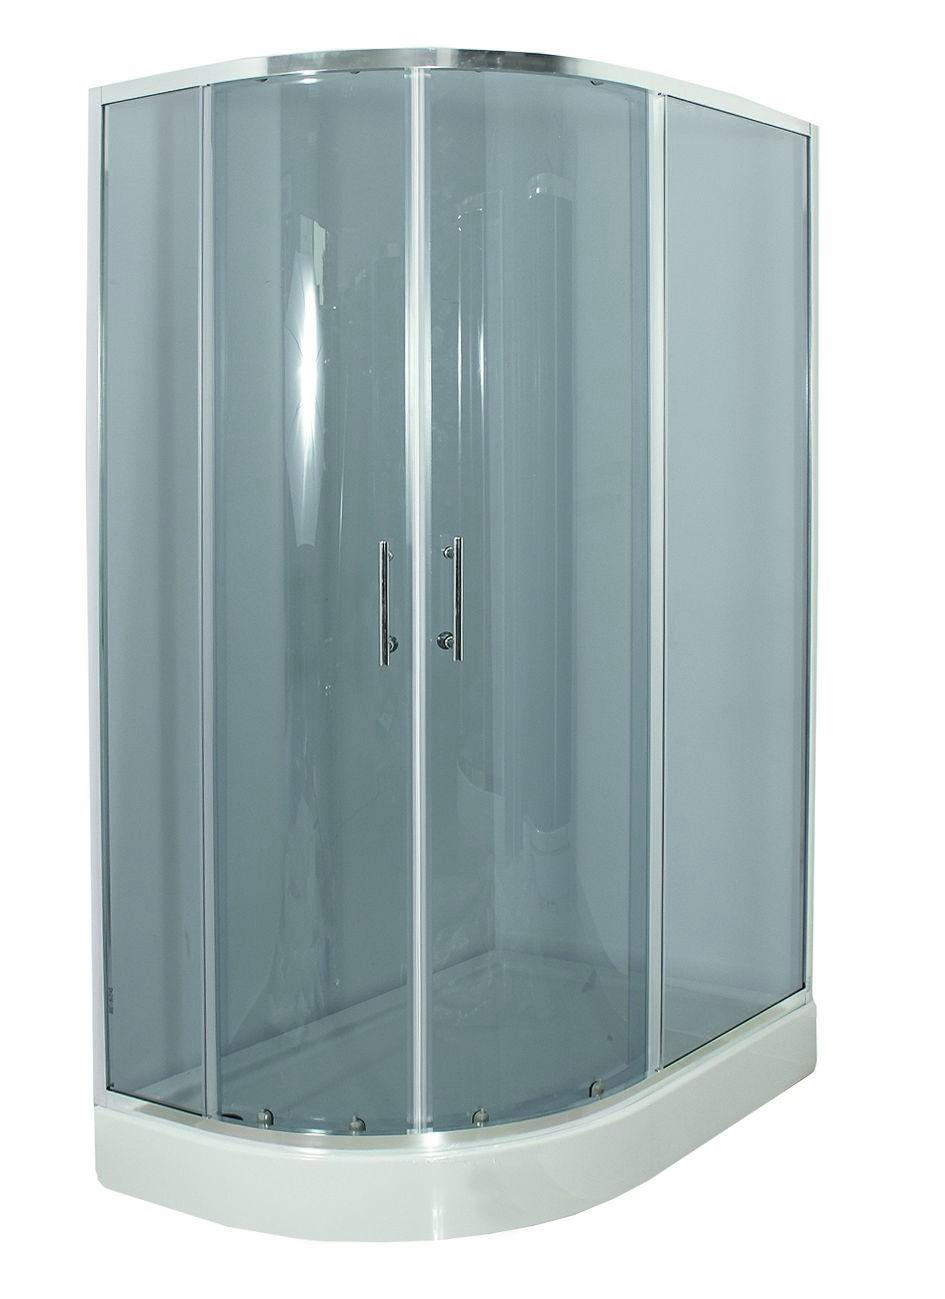 RAVENA 100 P Well sprchový kout s nízkou vaničkou, skladem